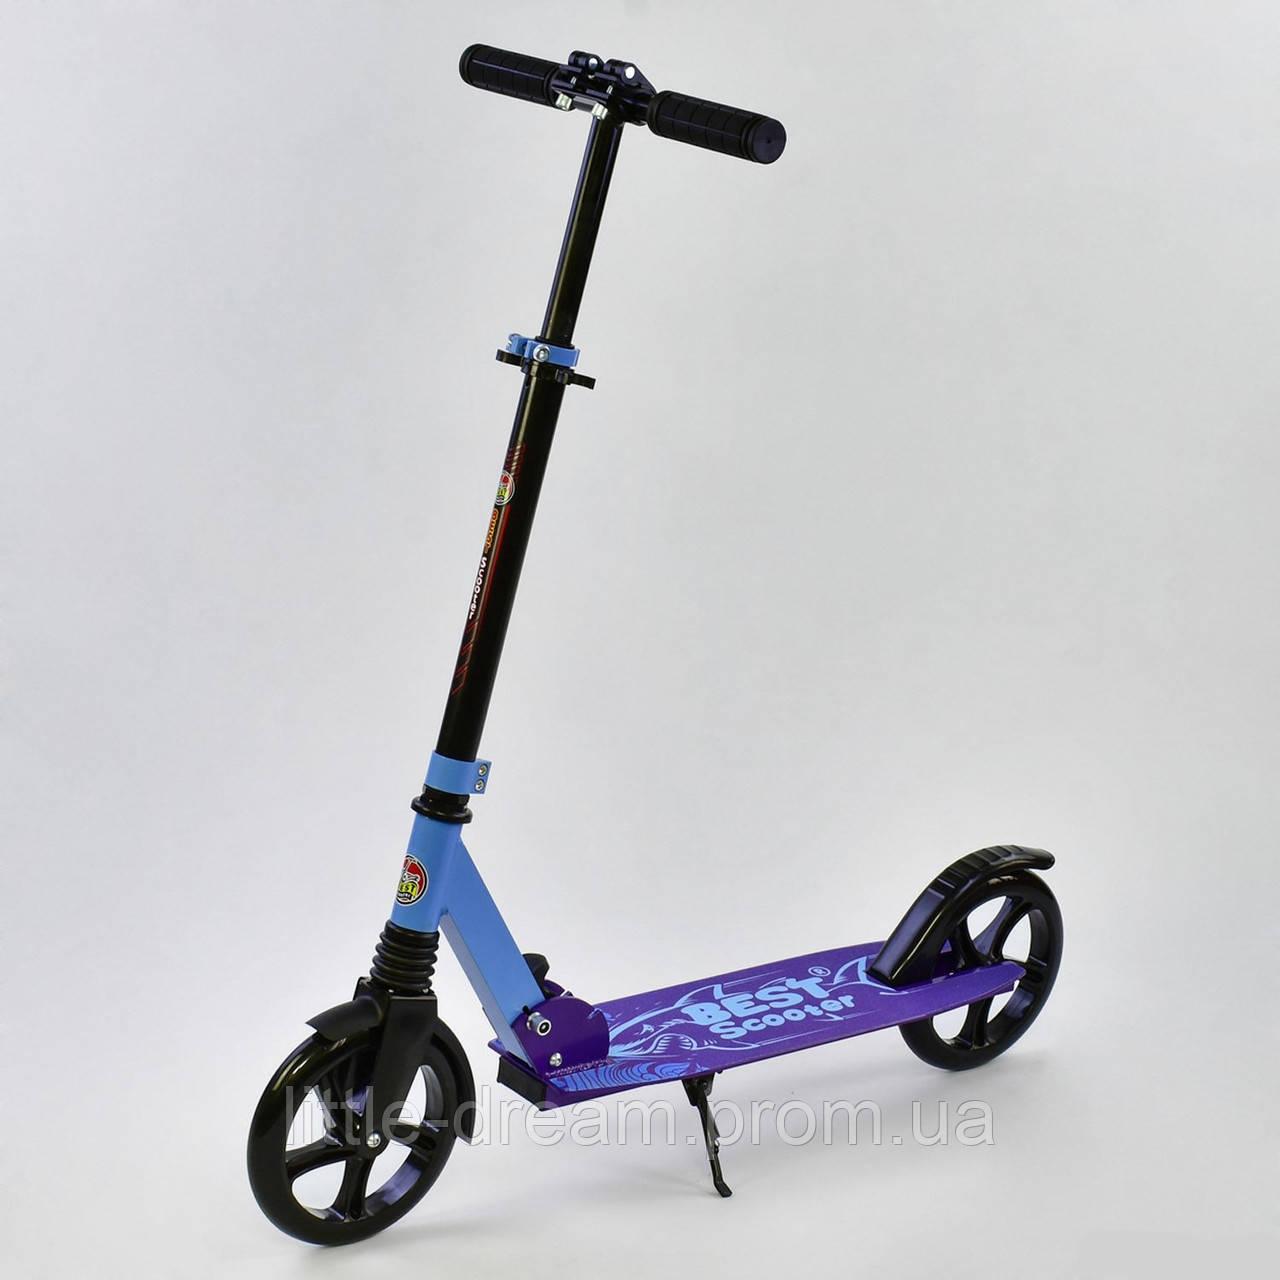 """Самокат двухколесный """"SHARK"""" 00071 Фиолетовый, зажим руля, колеса PU - 20 см, 1 амортизатор"""